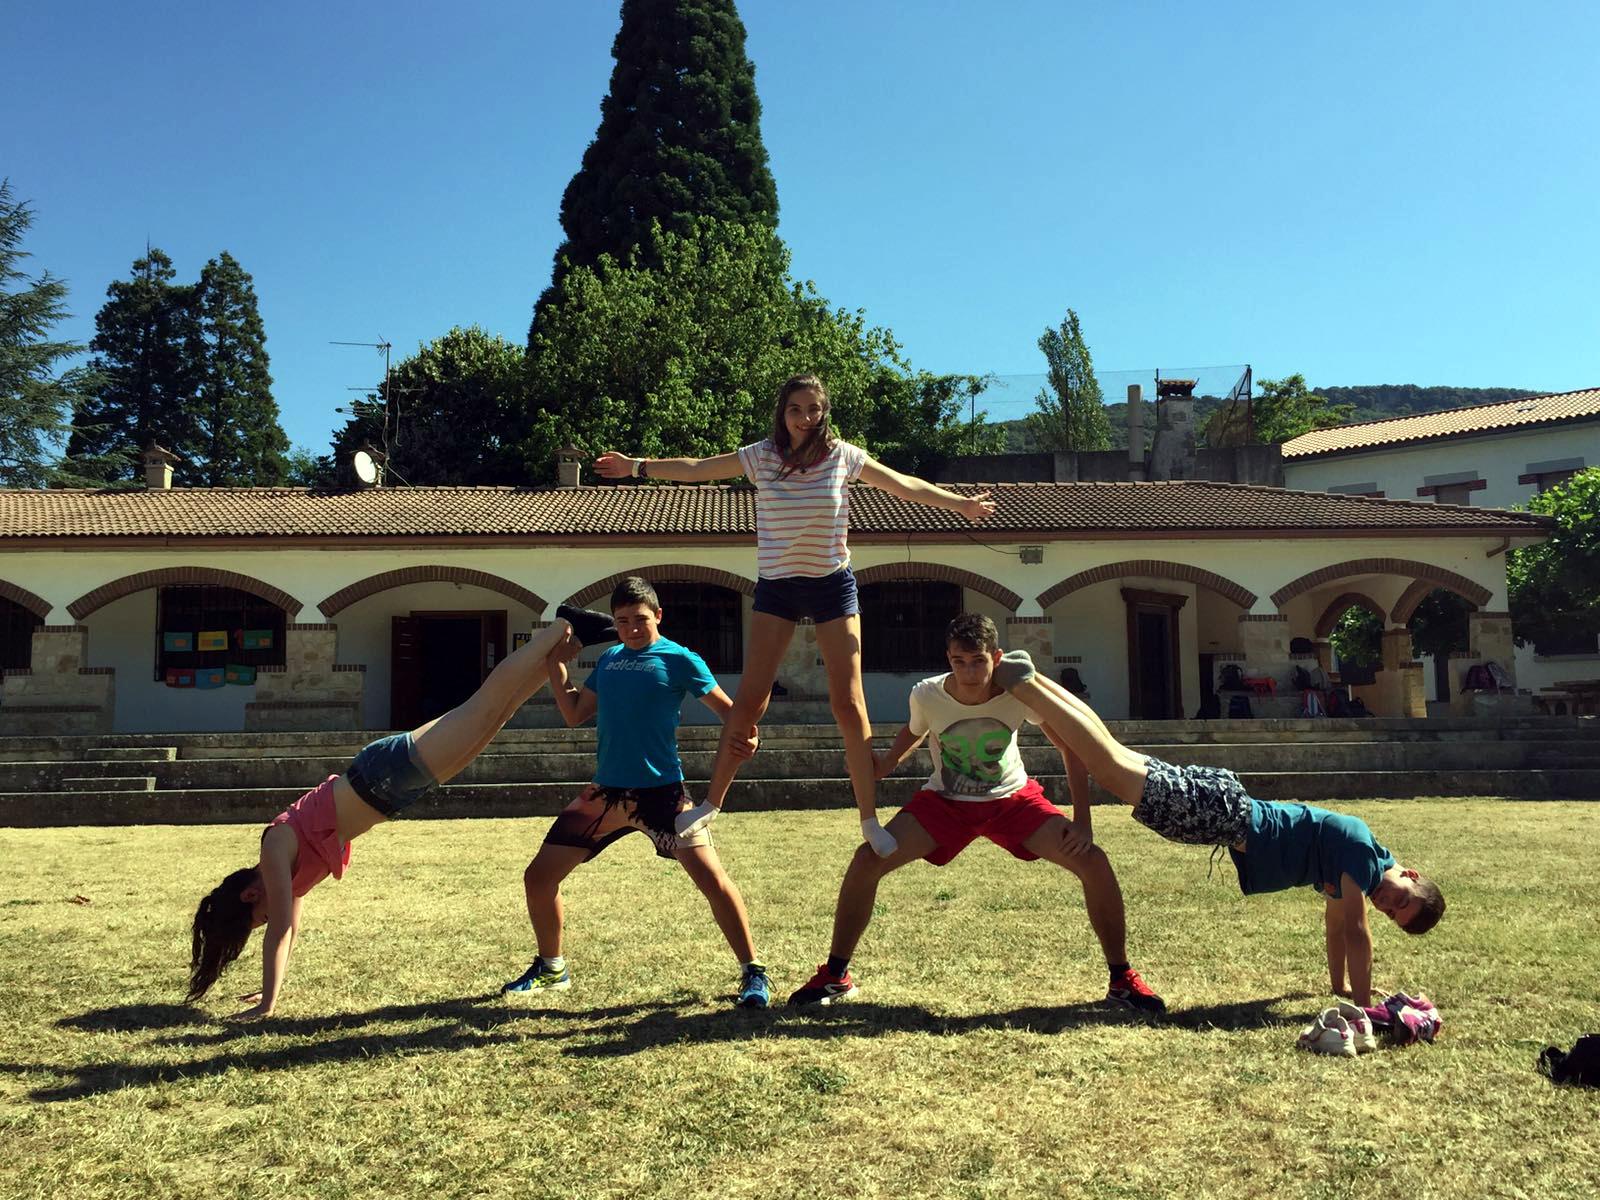 Campamentos de verano en España Navarra niños adolescentes jóvenes juegos